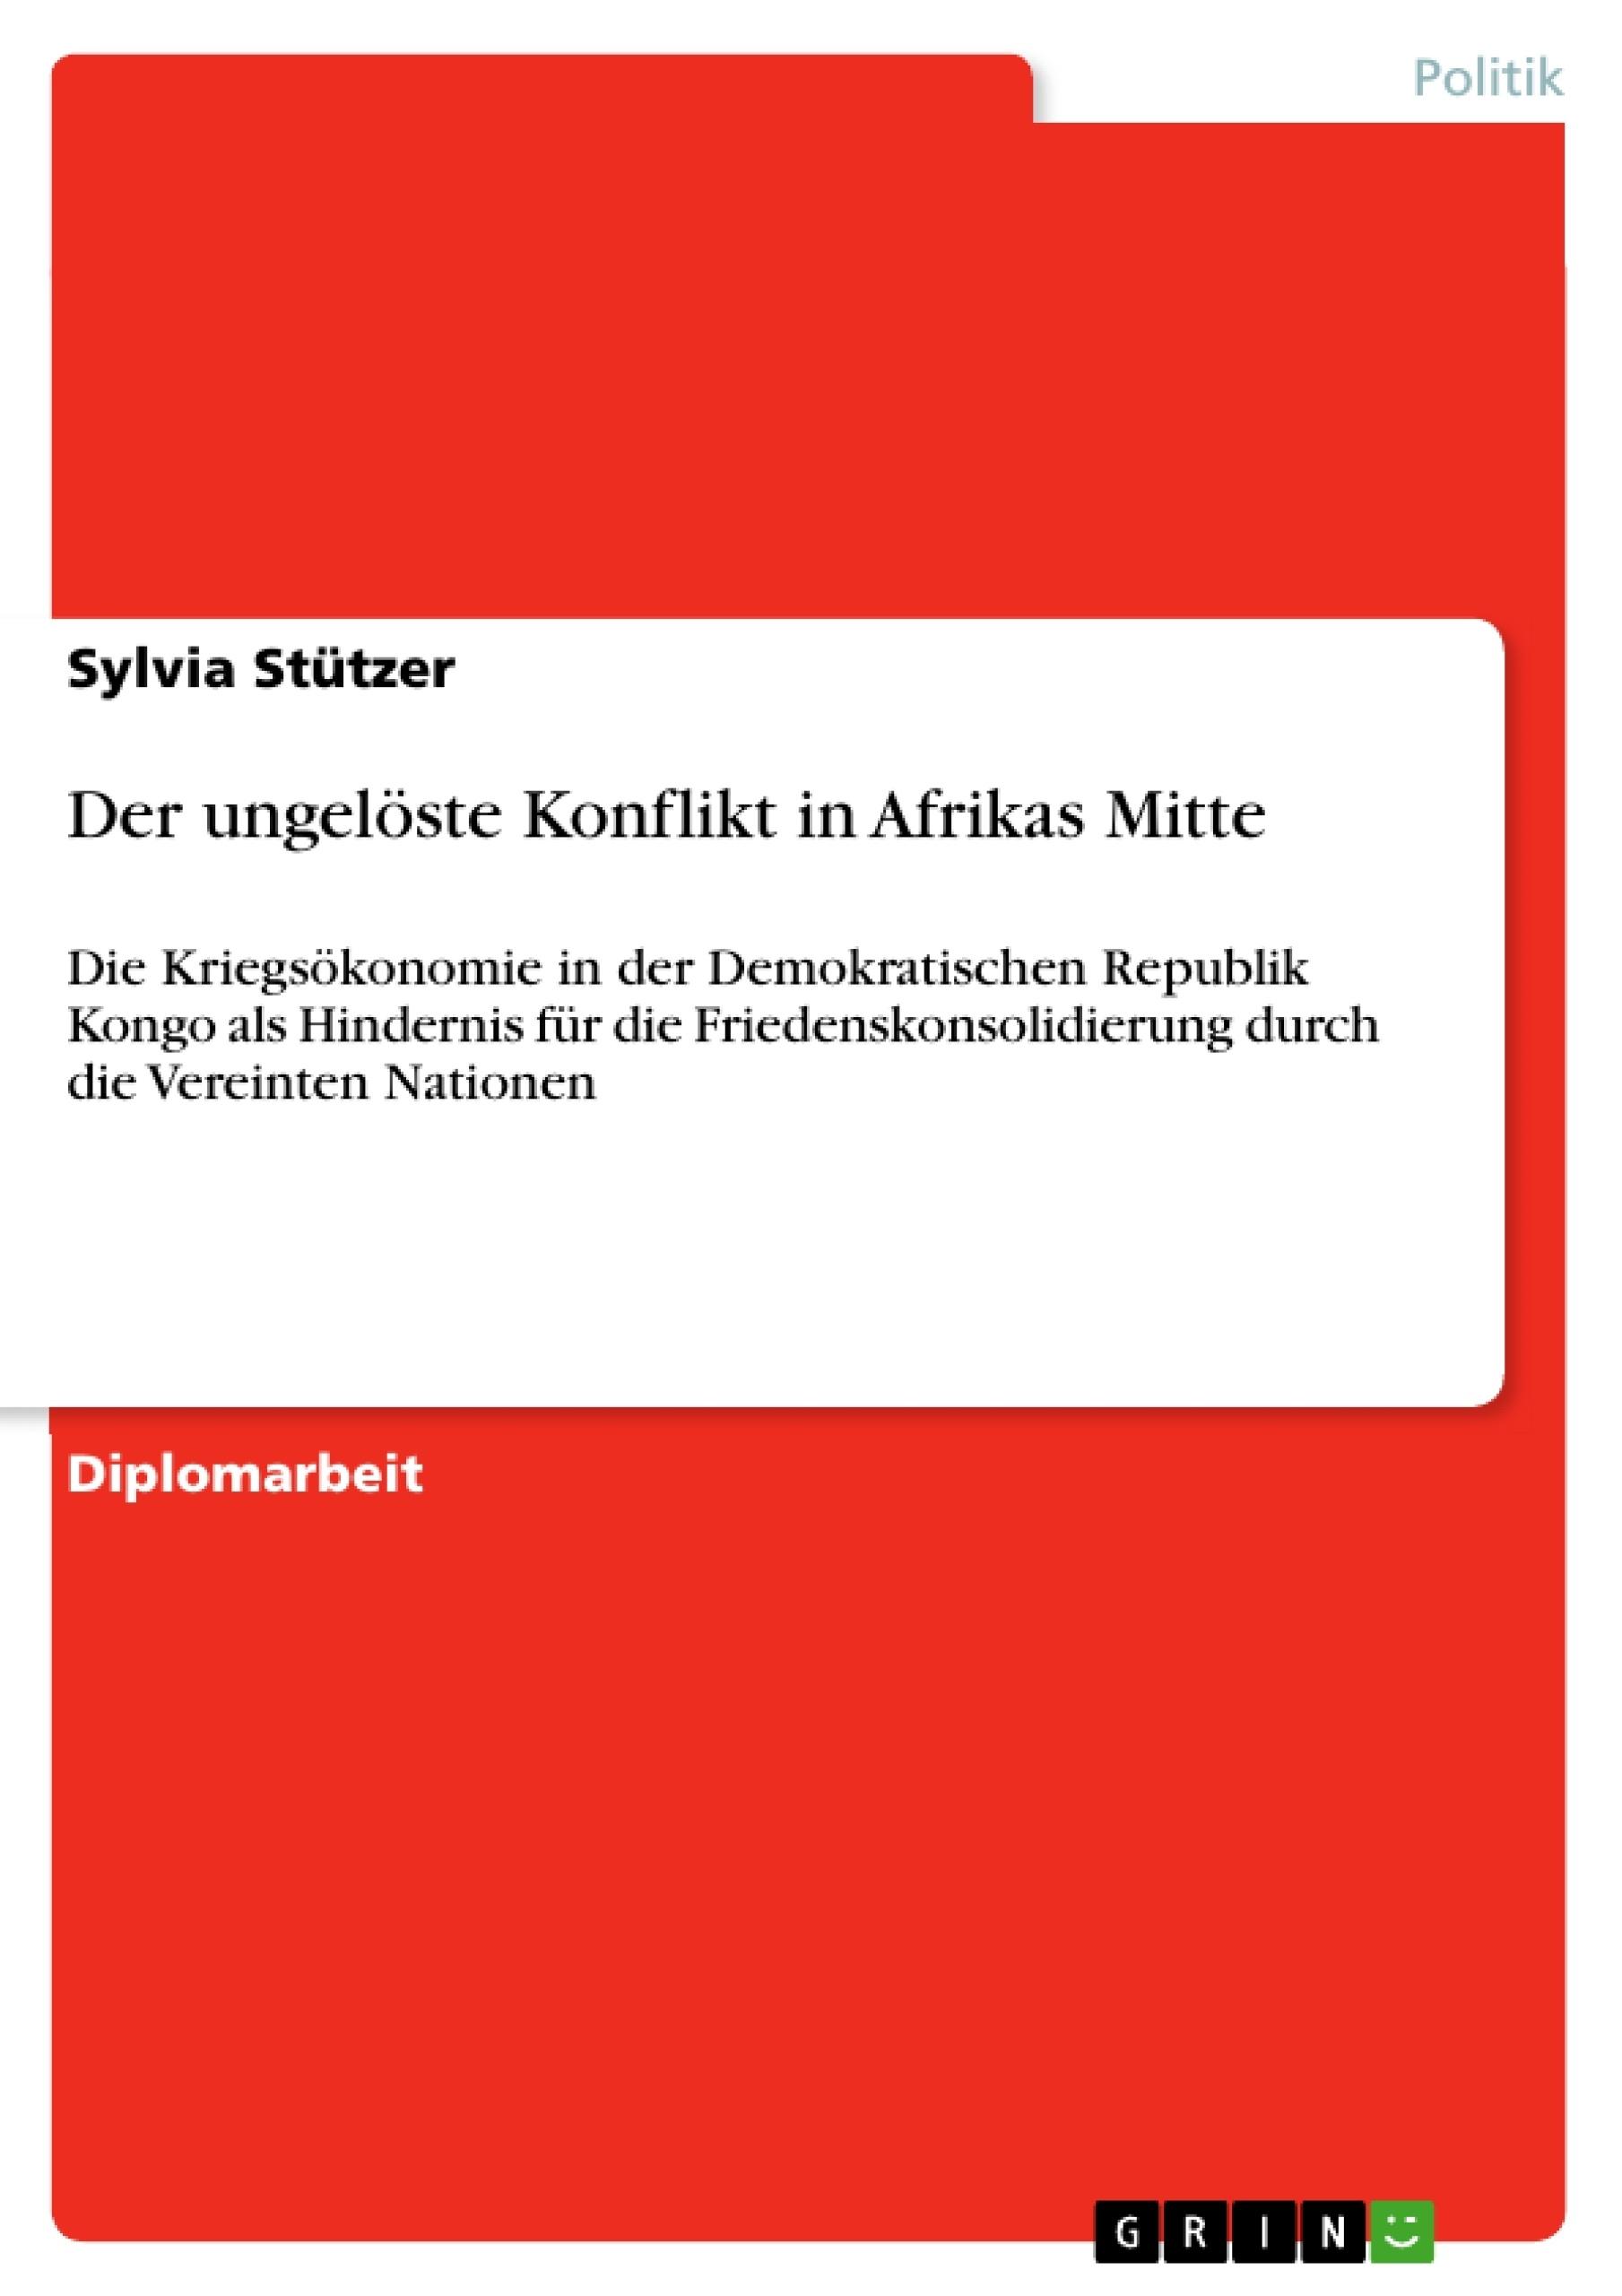 Titel: Der ungelöste Konflikt in Afrikas Mitte